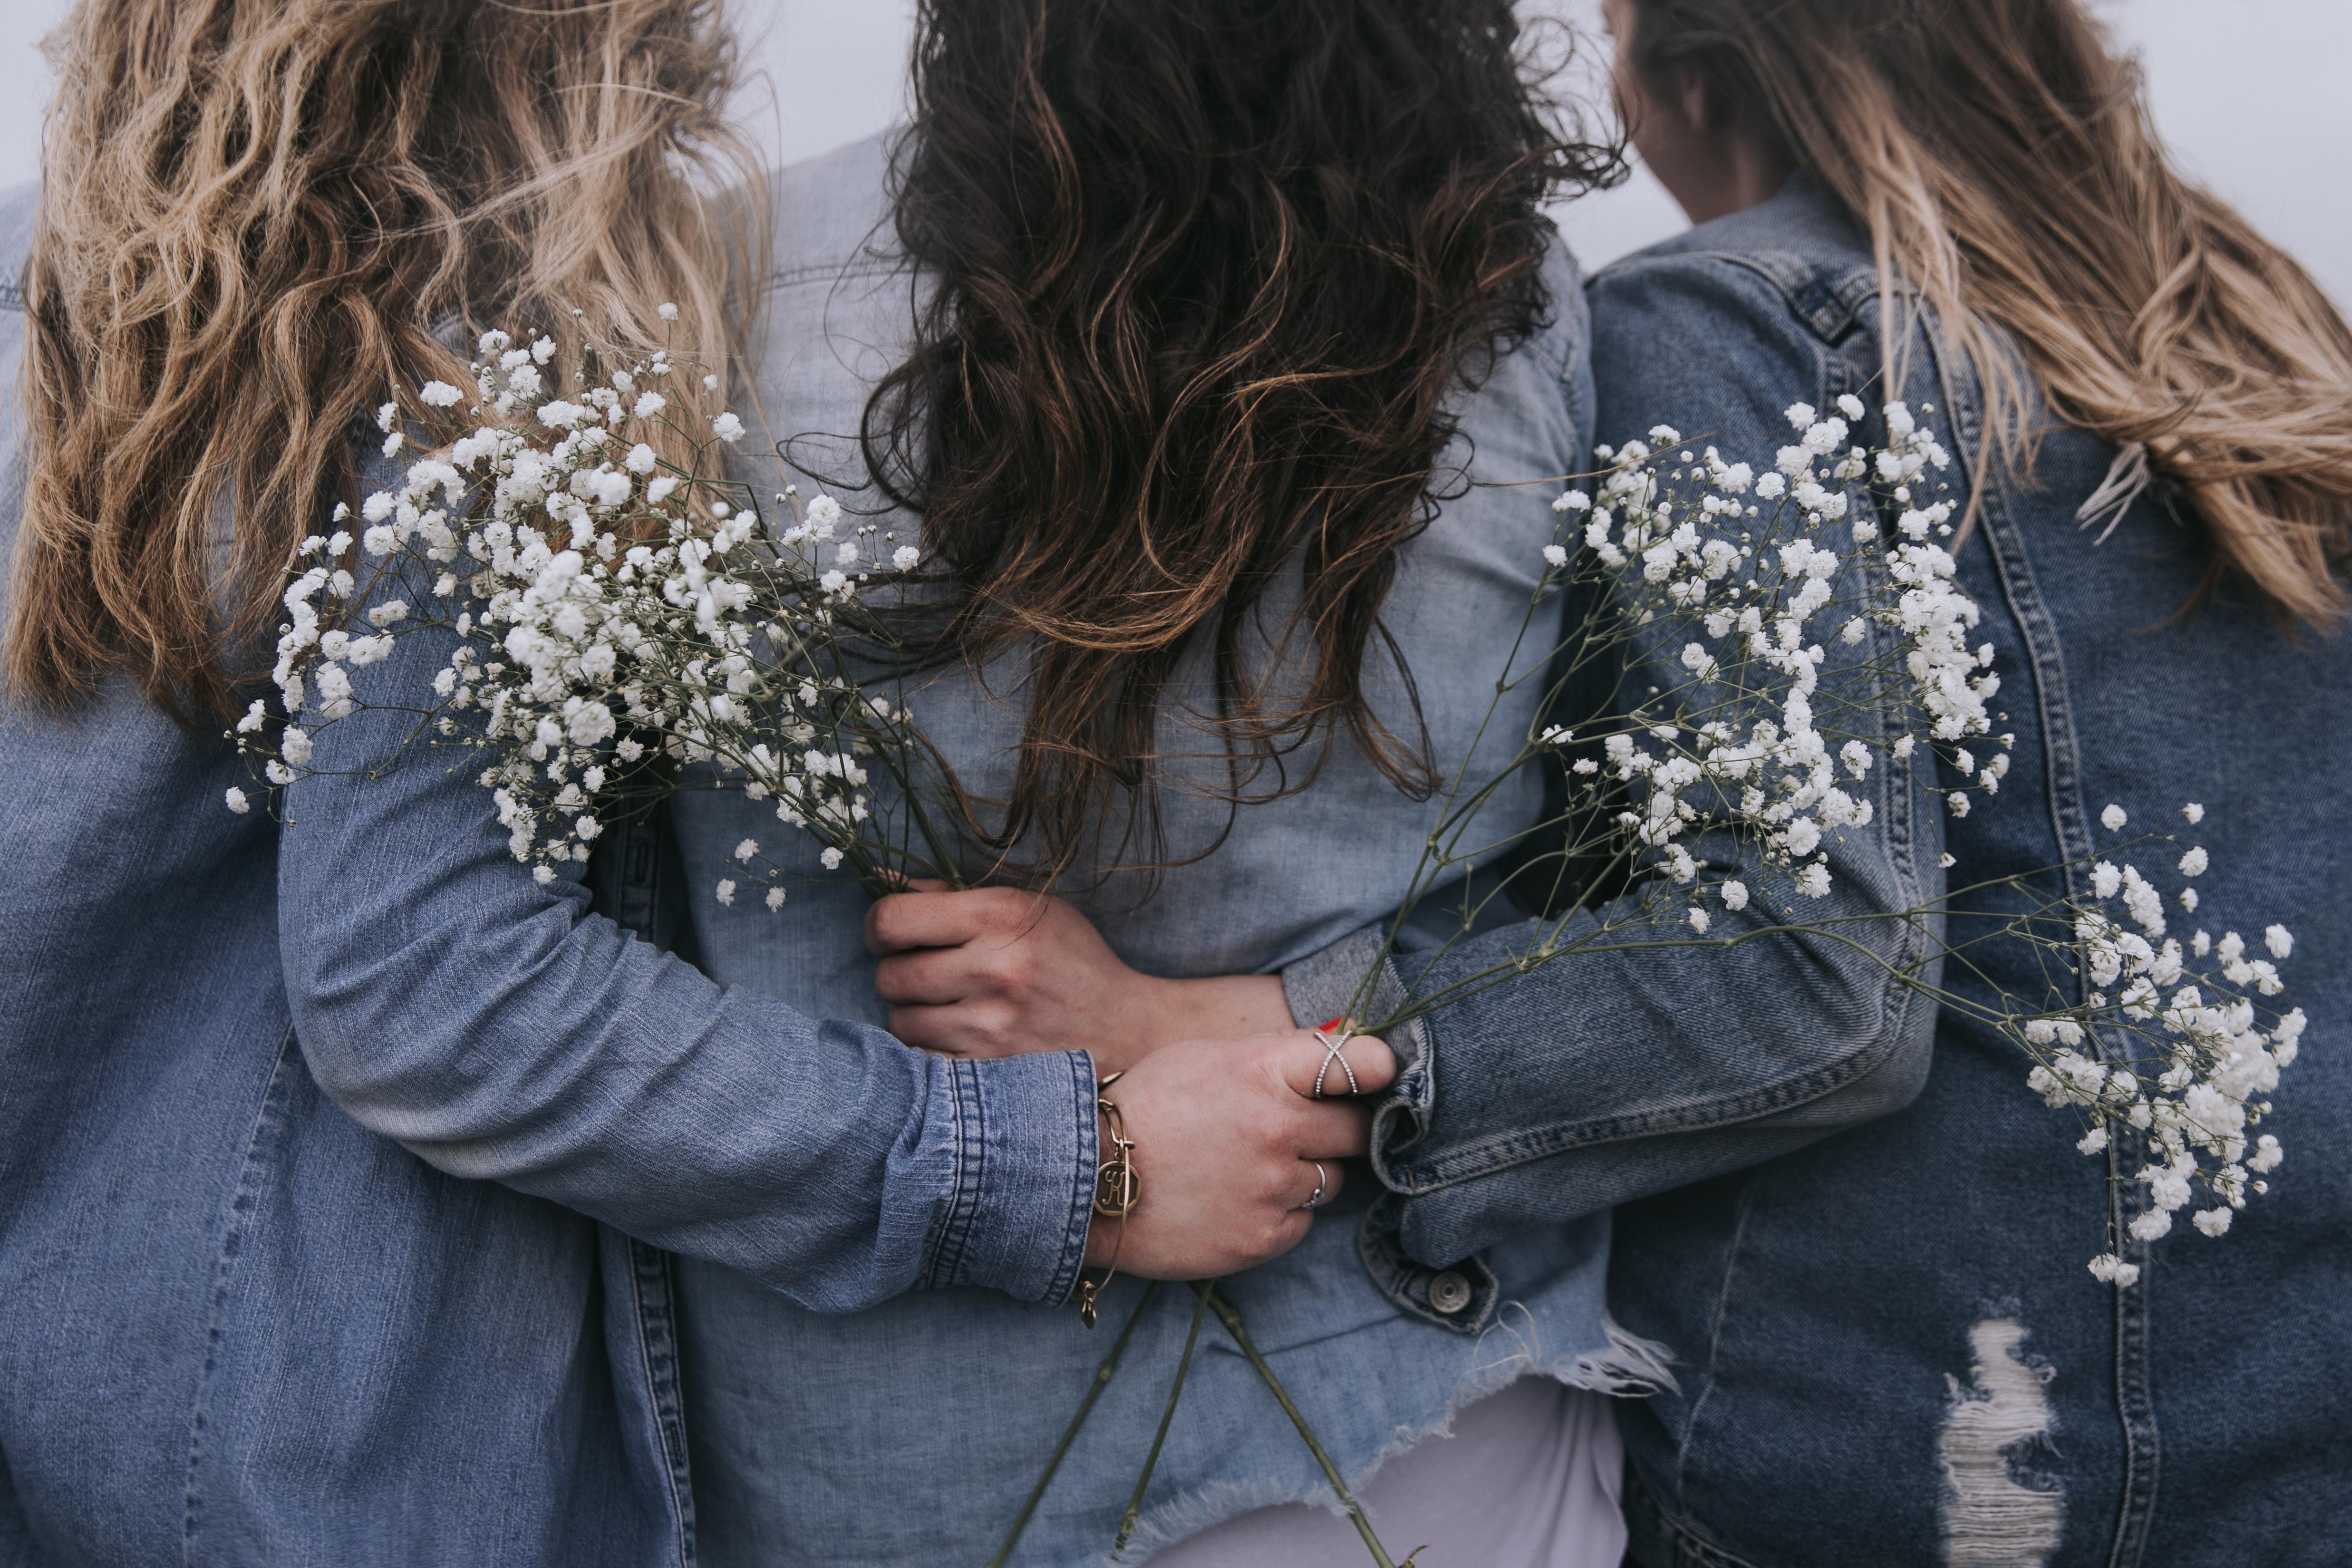 Uma em cada três mulheres sente-se infeliz com a vida, diz estudo da FFMS.